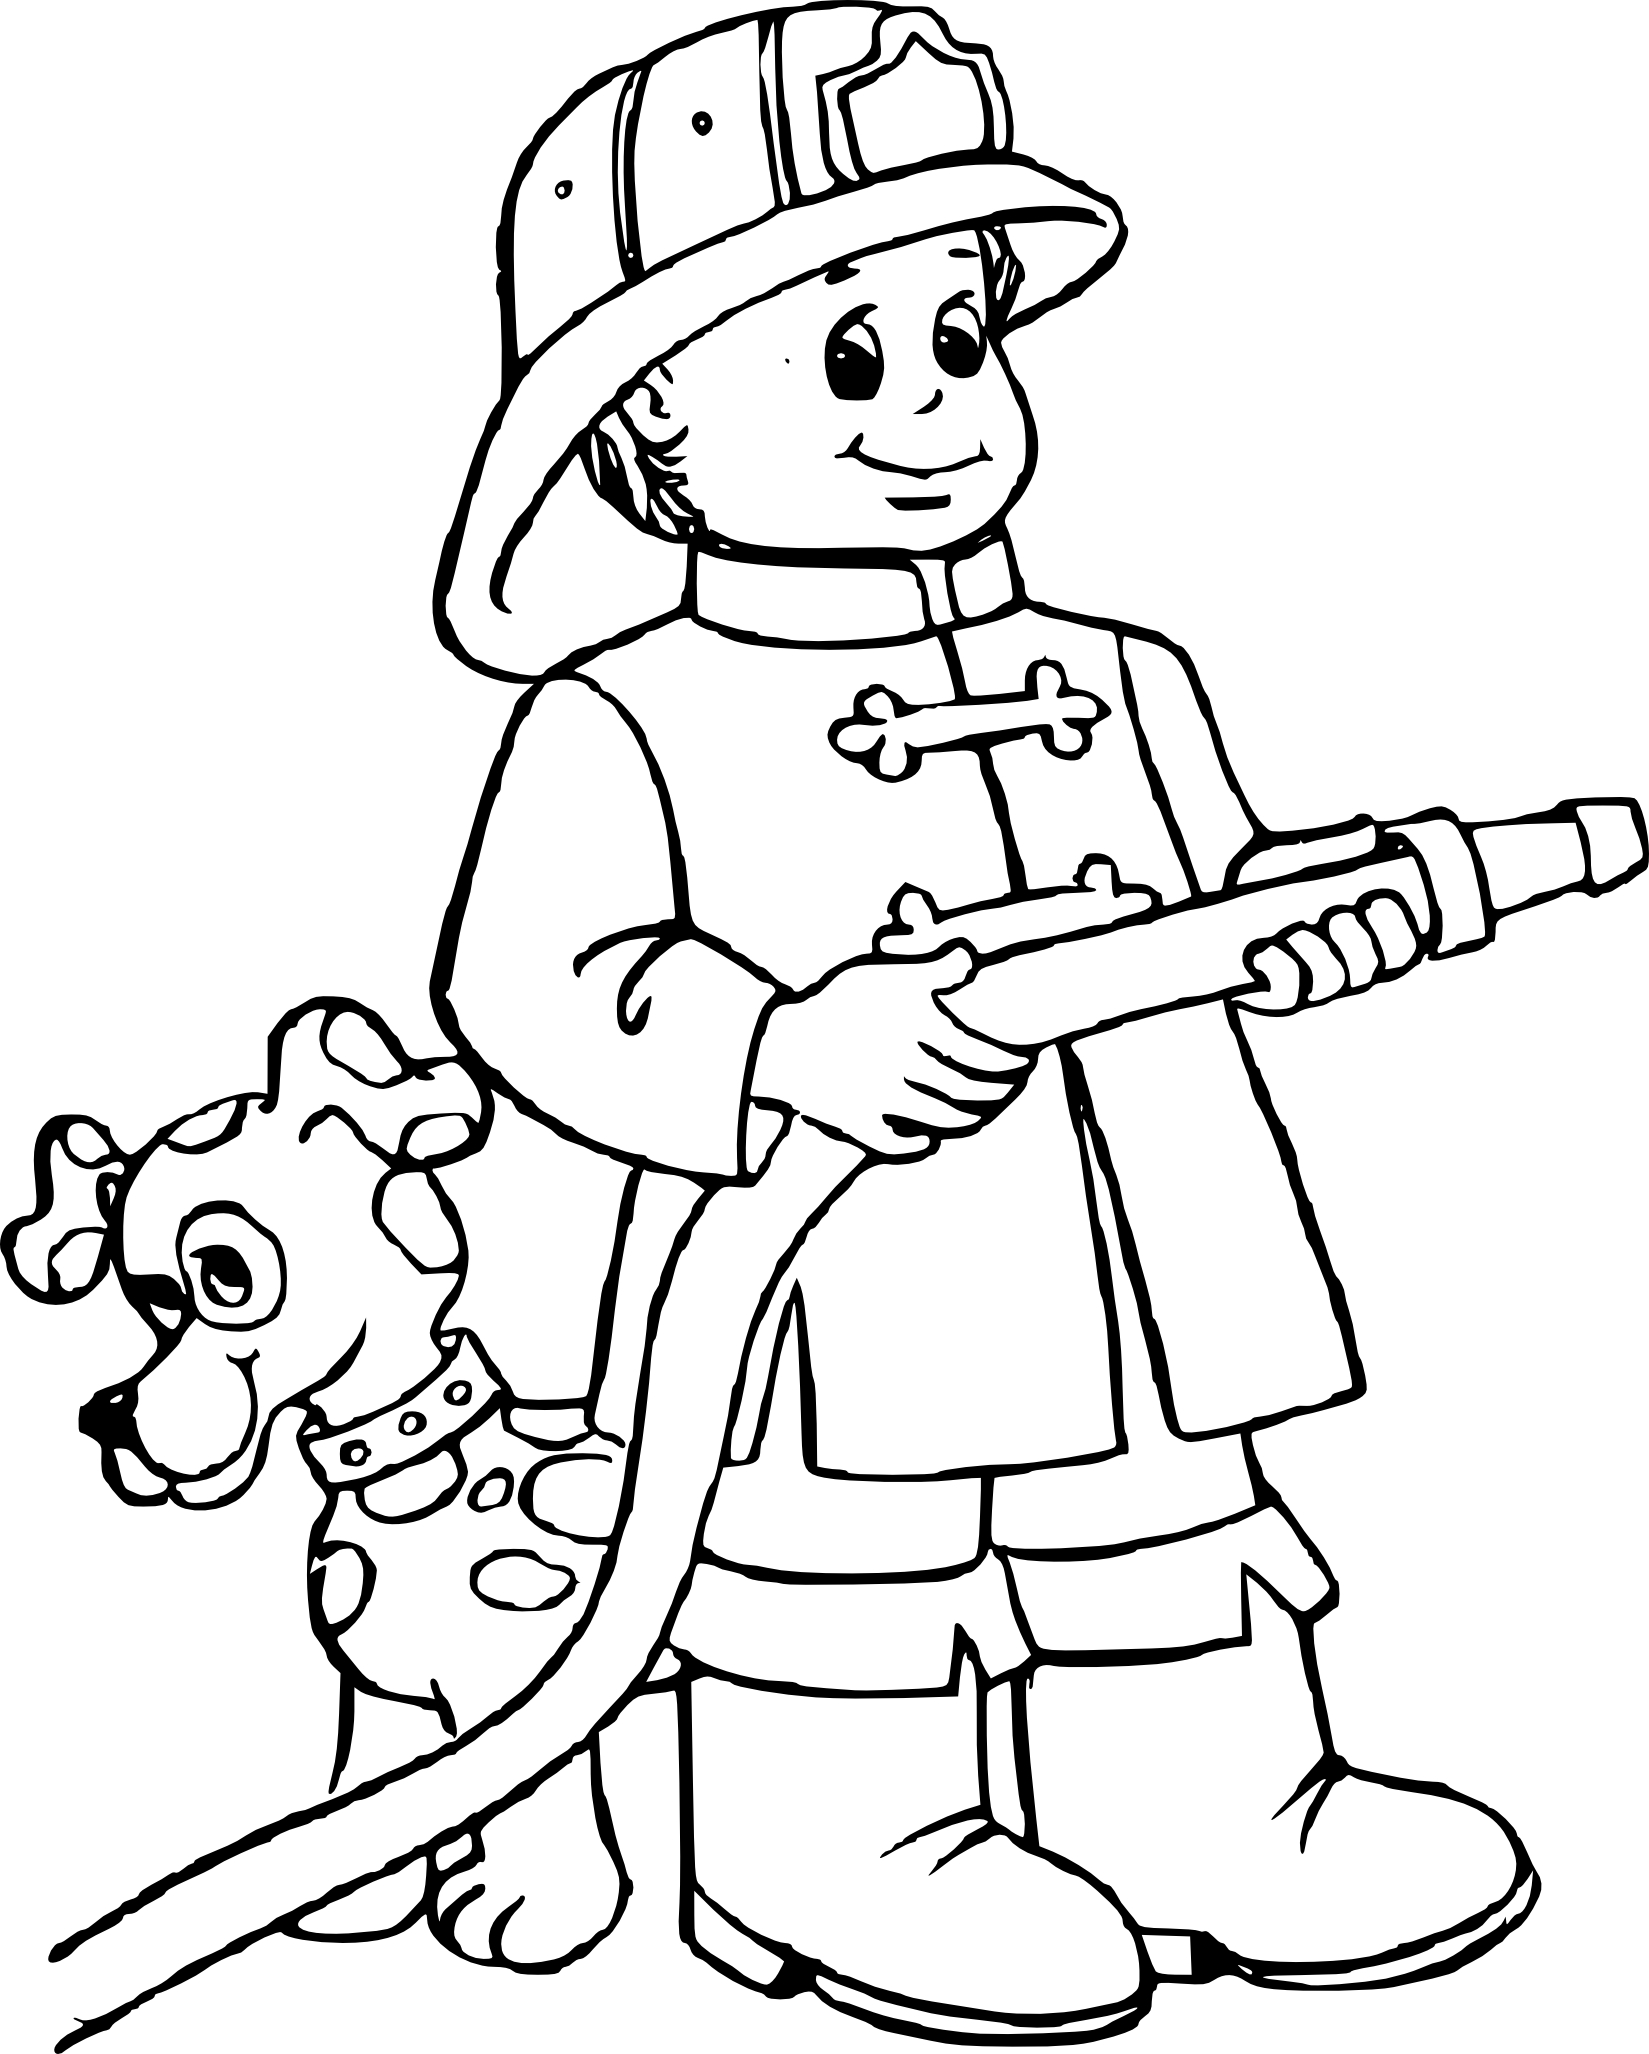 Coloriage pompier gratuit imprimer - Dessin de colombe a imprimer ...